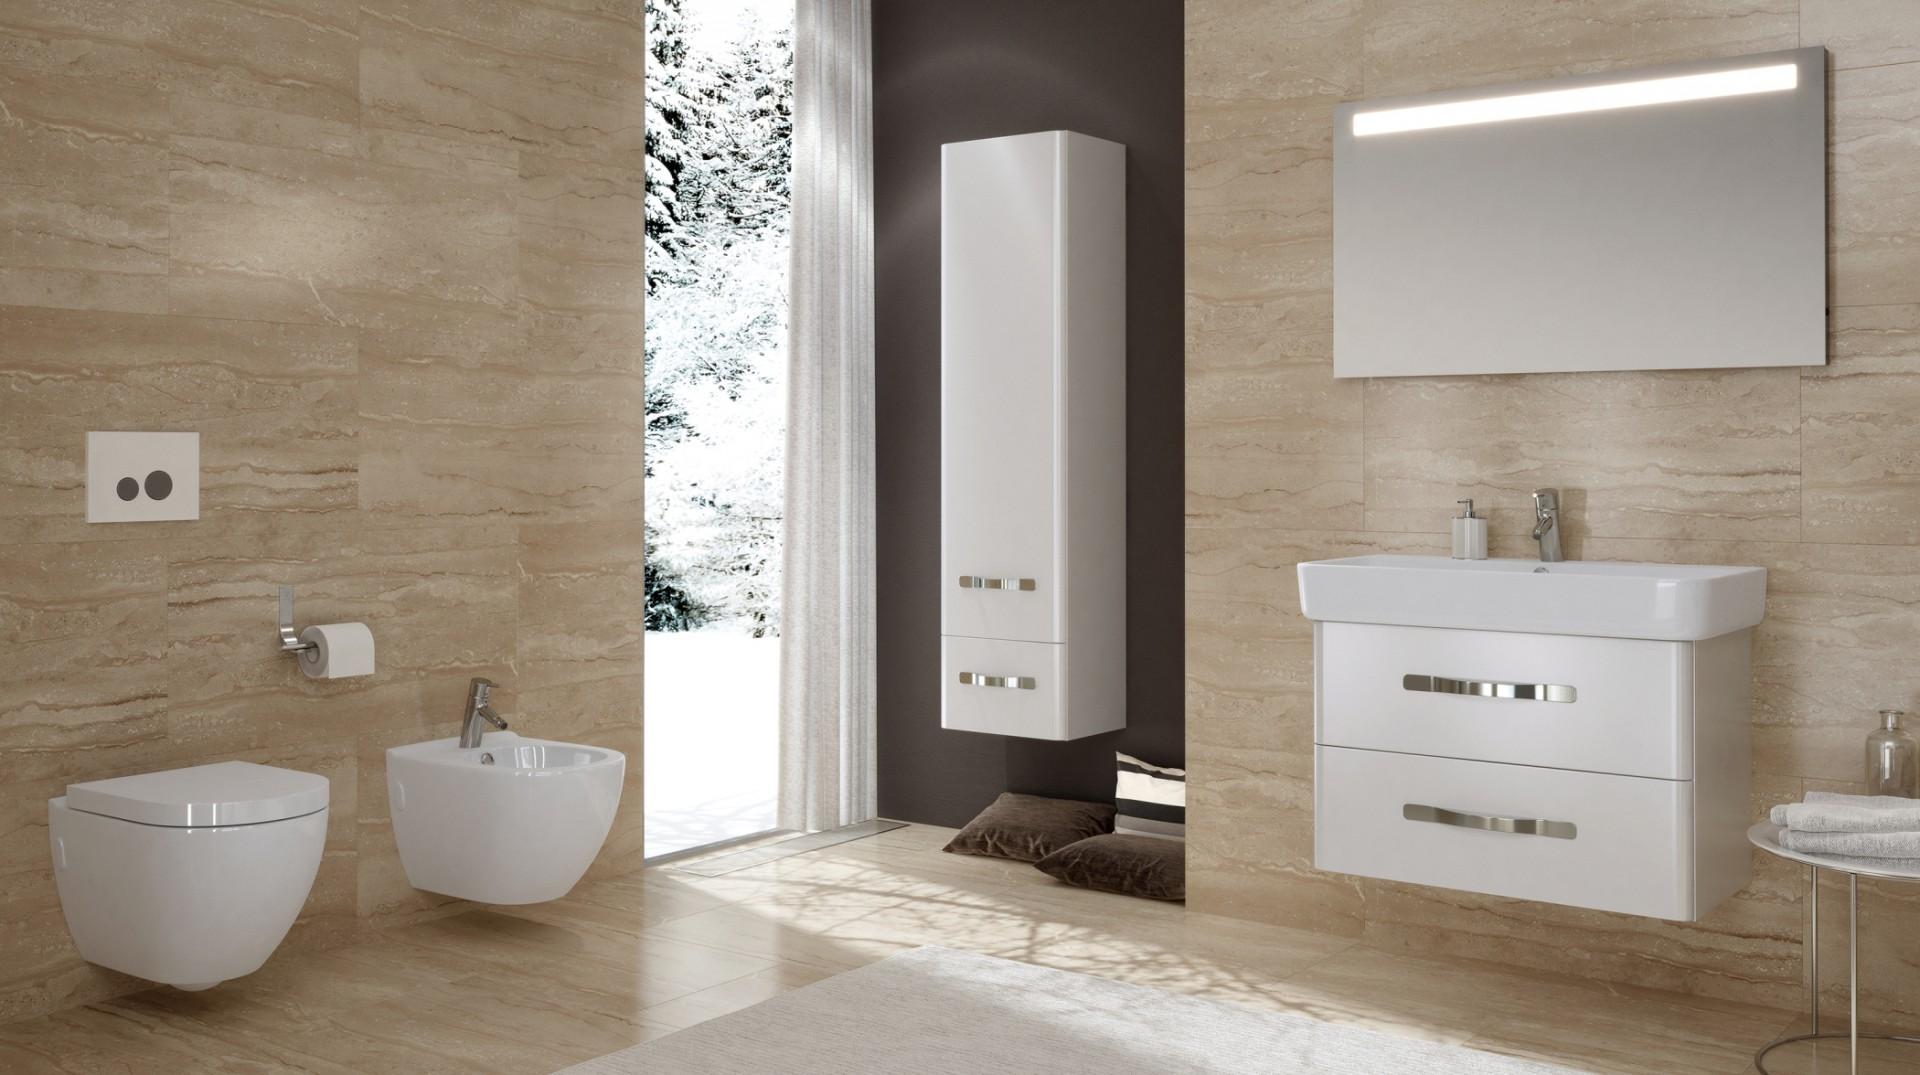 Kolekcja mebli łazienkowych Urban Harmony firmy Opoczno. Fot. Opoczno